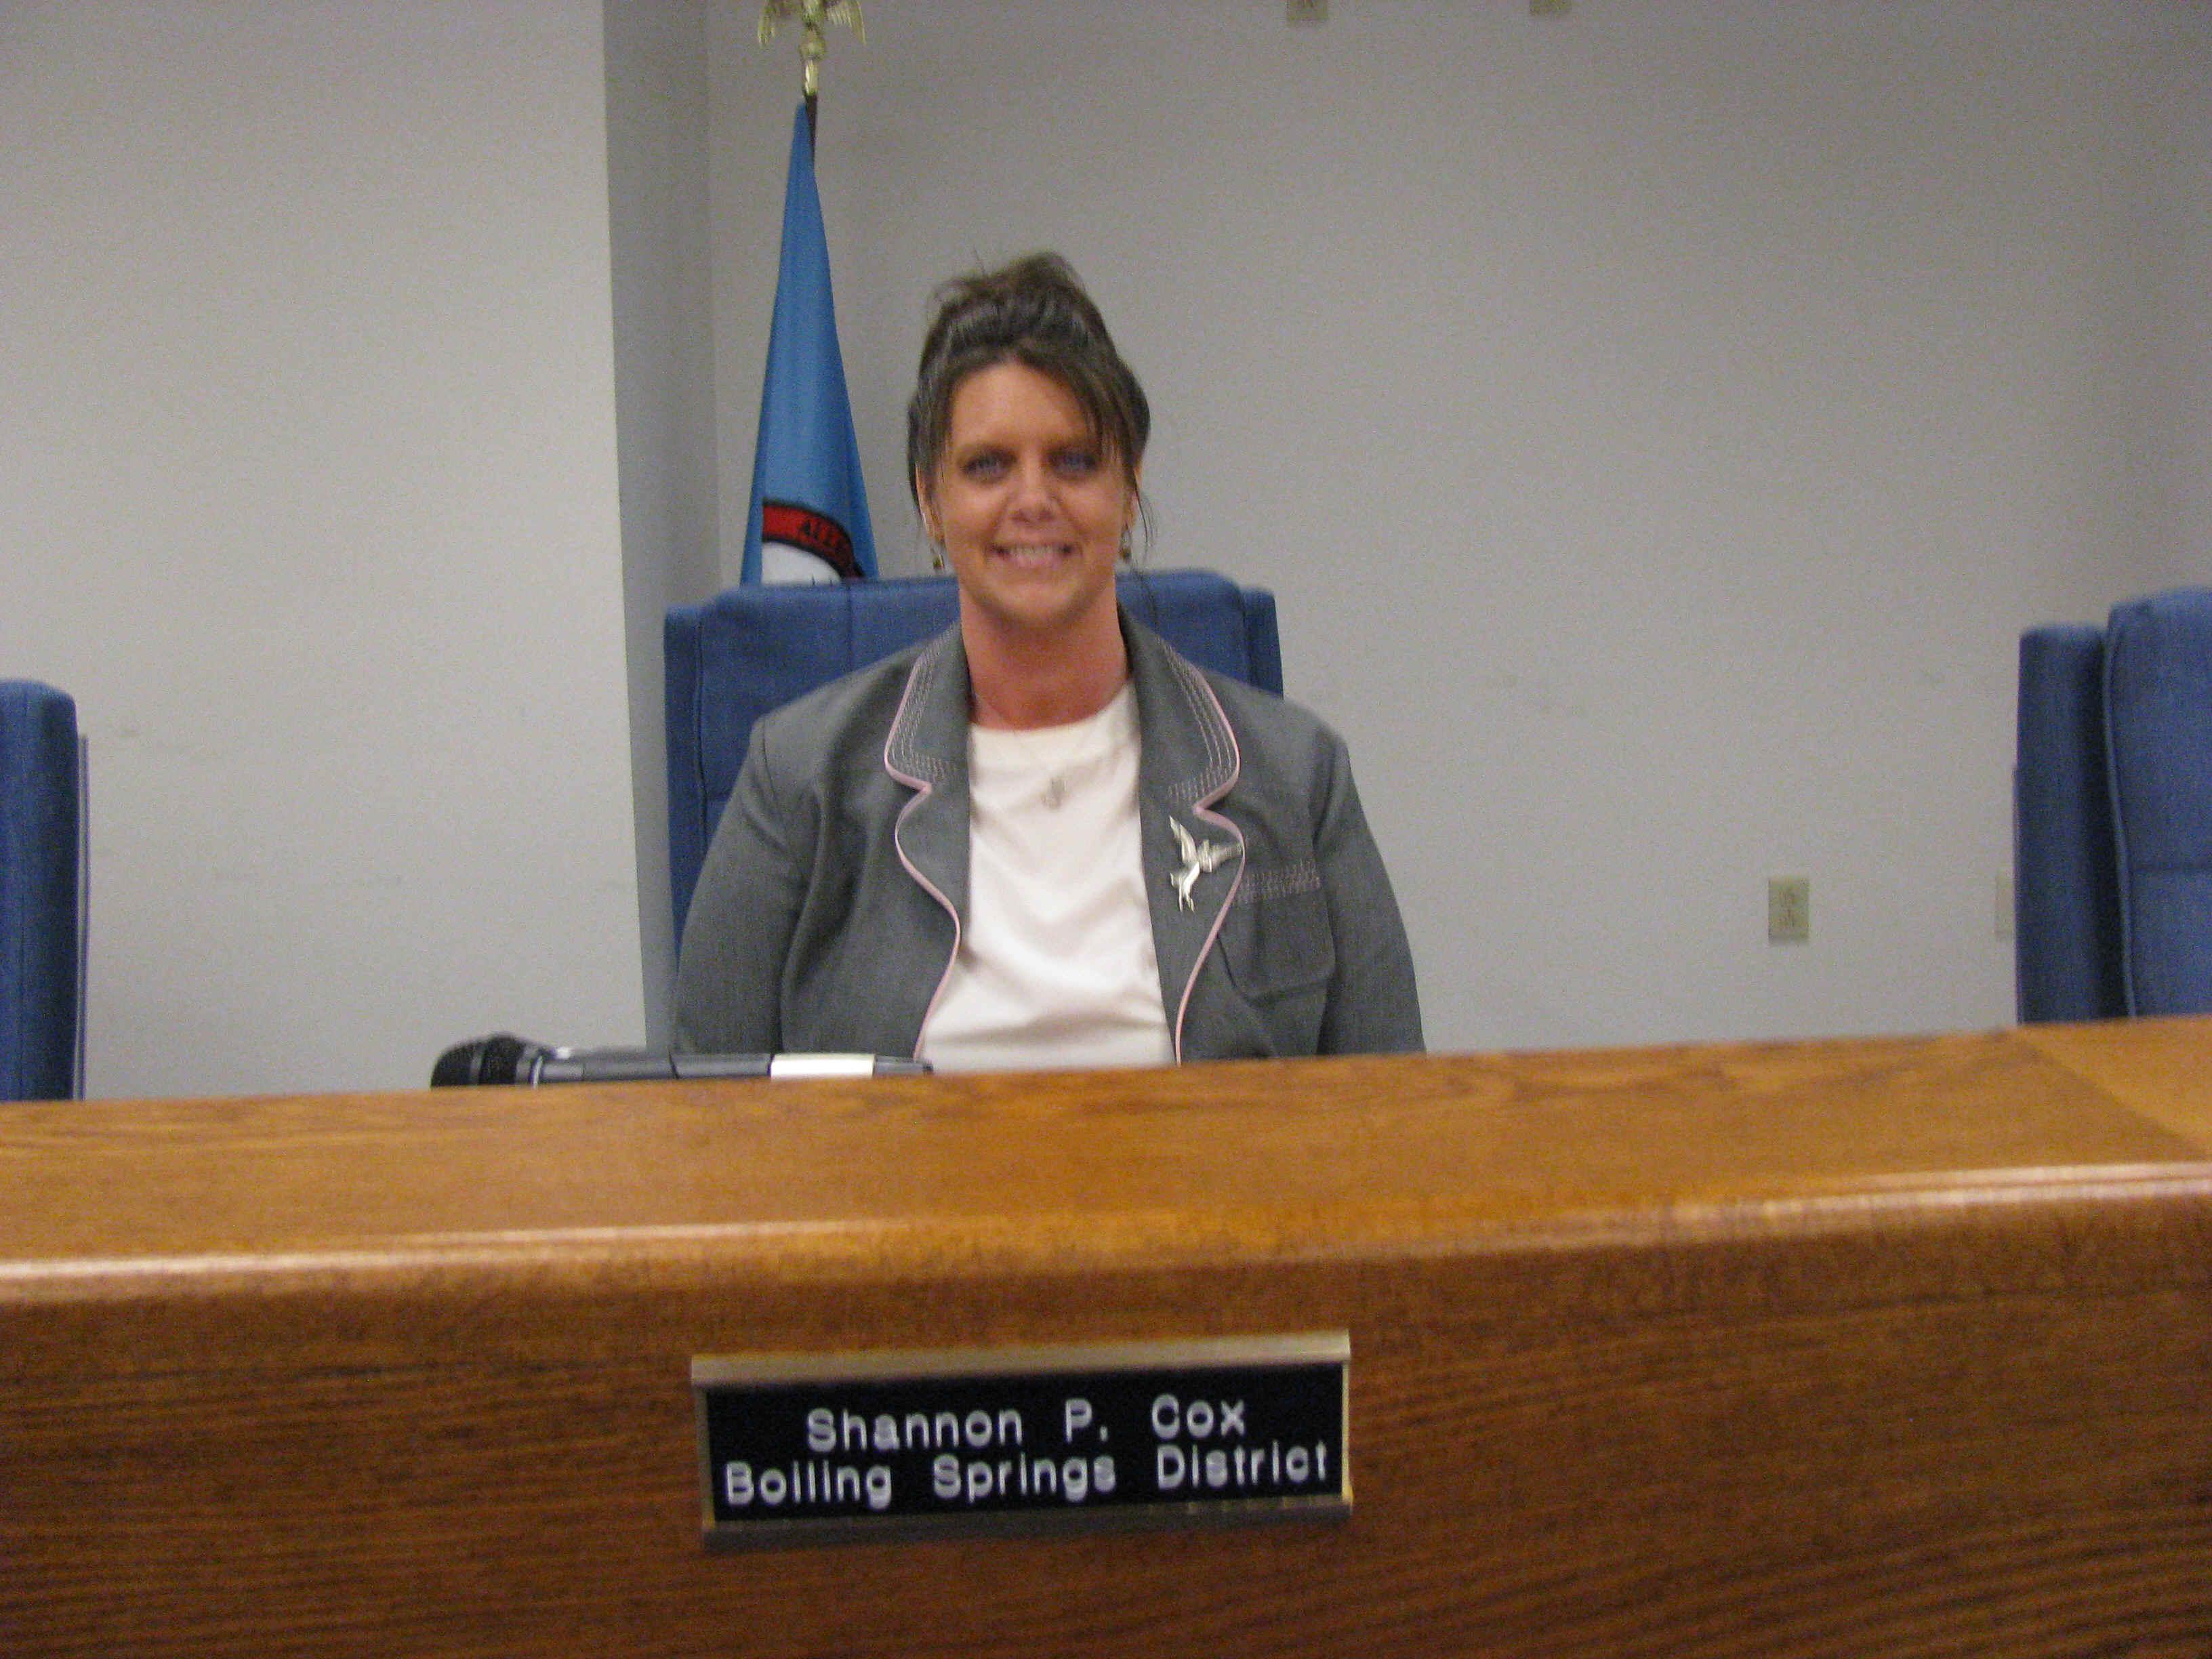 Alleghany Co VA Board of Supervisors Member - Shannon P. Cox